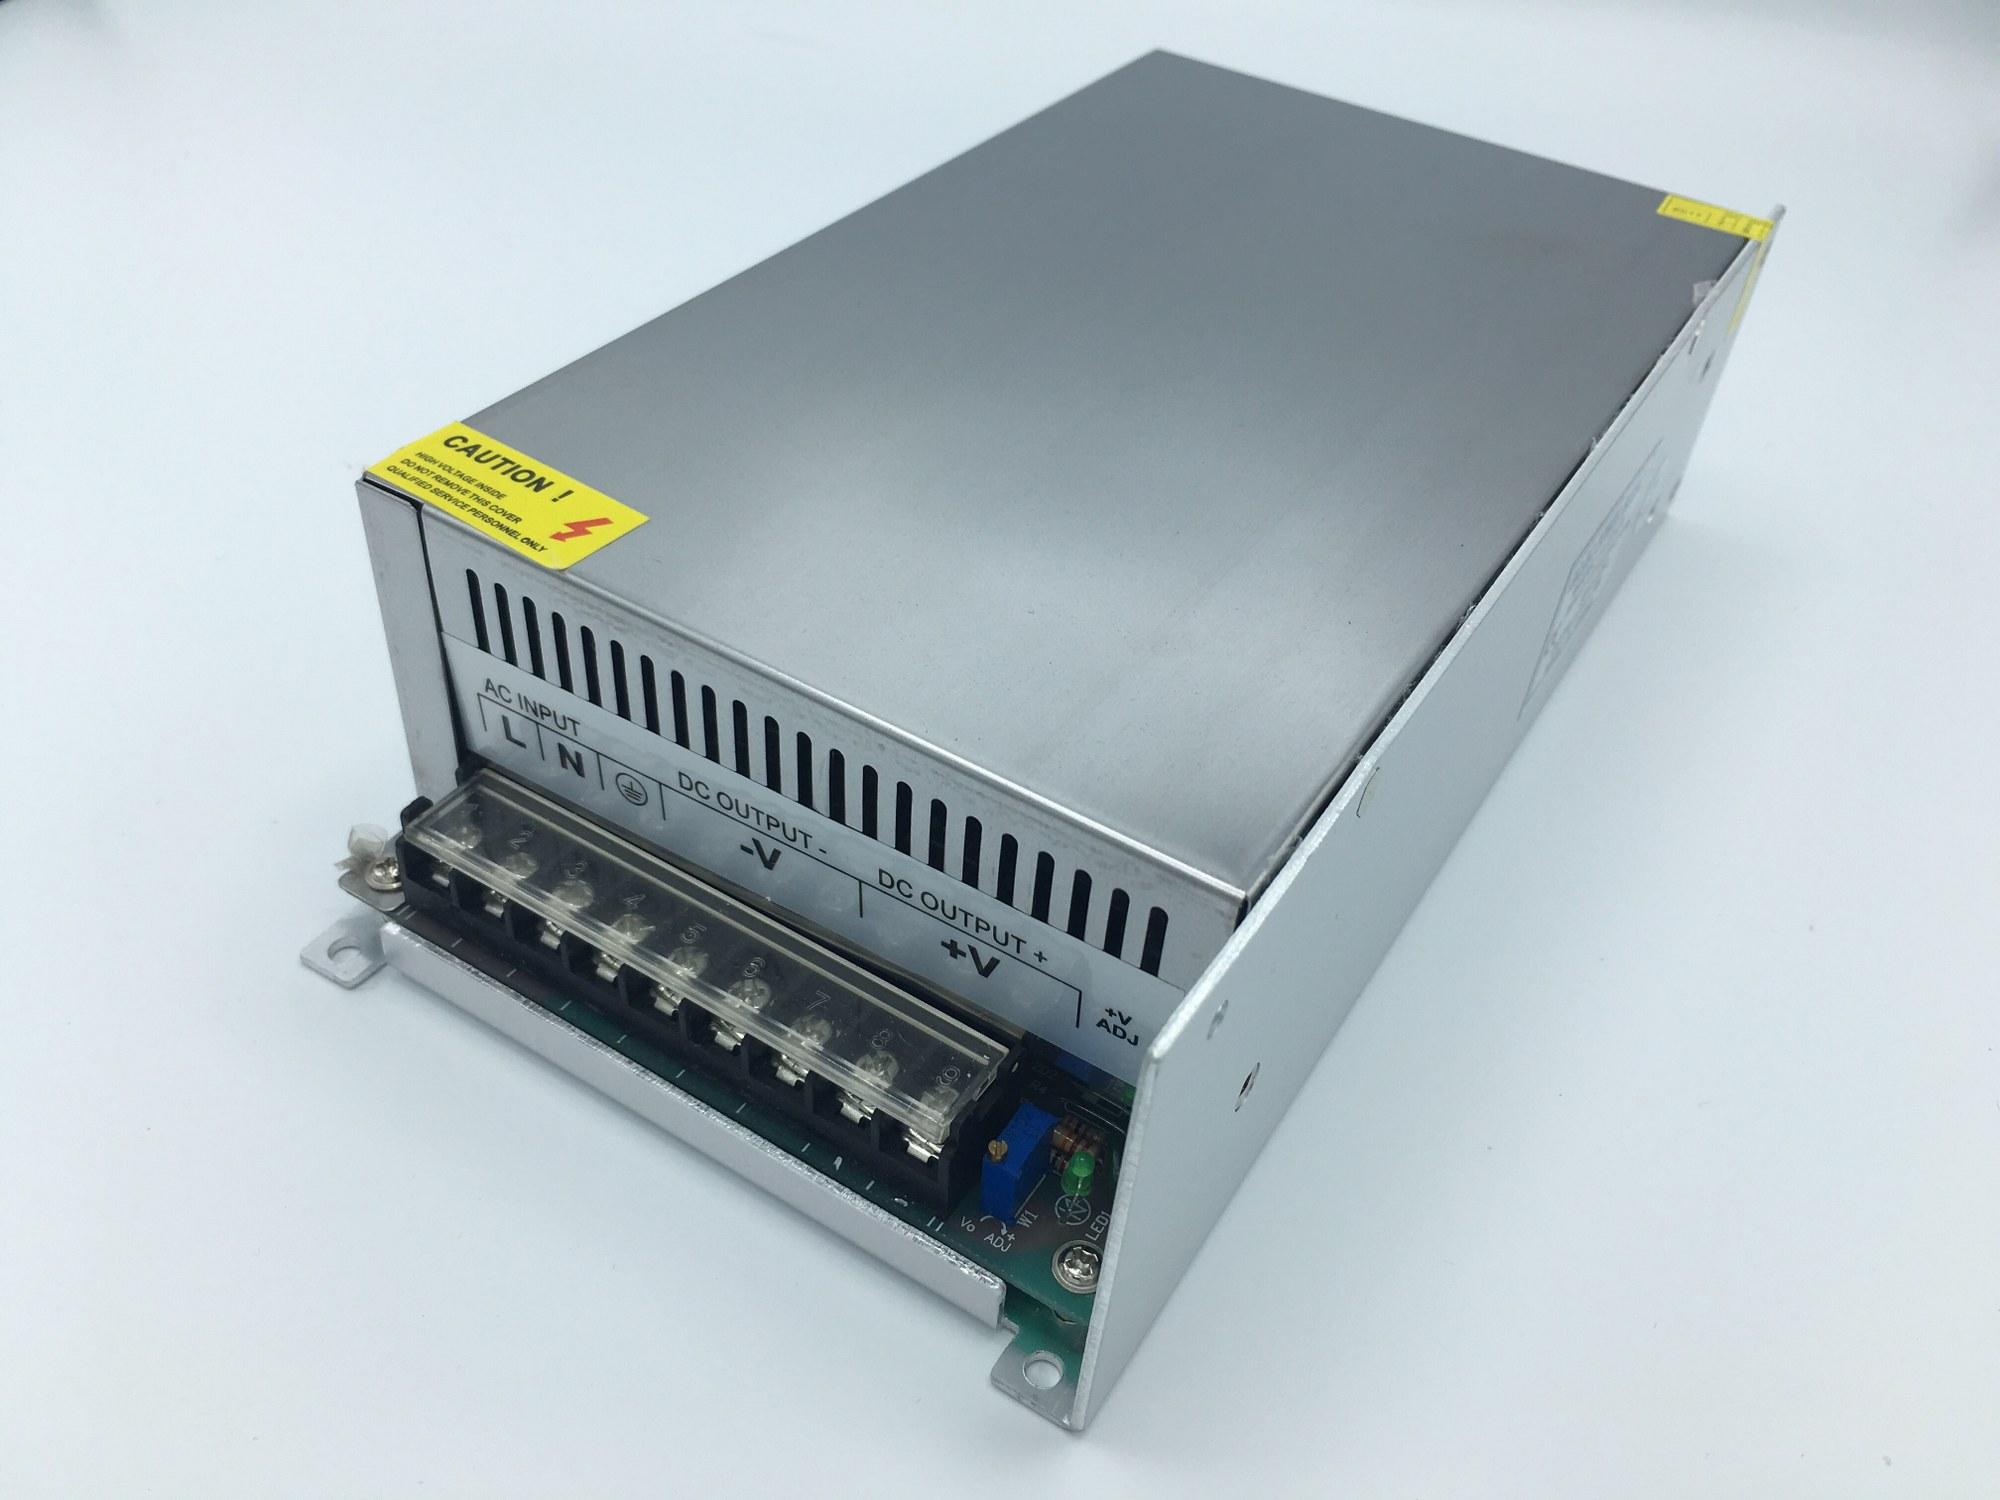 หม้อแปลงไฟฟ้าสวิทชิ่ง 220VAC 24VDC 30A 720W